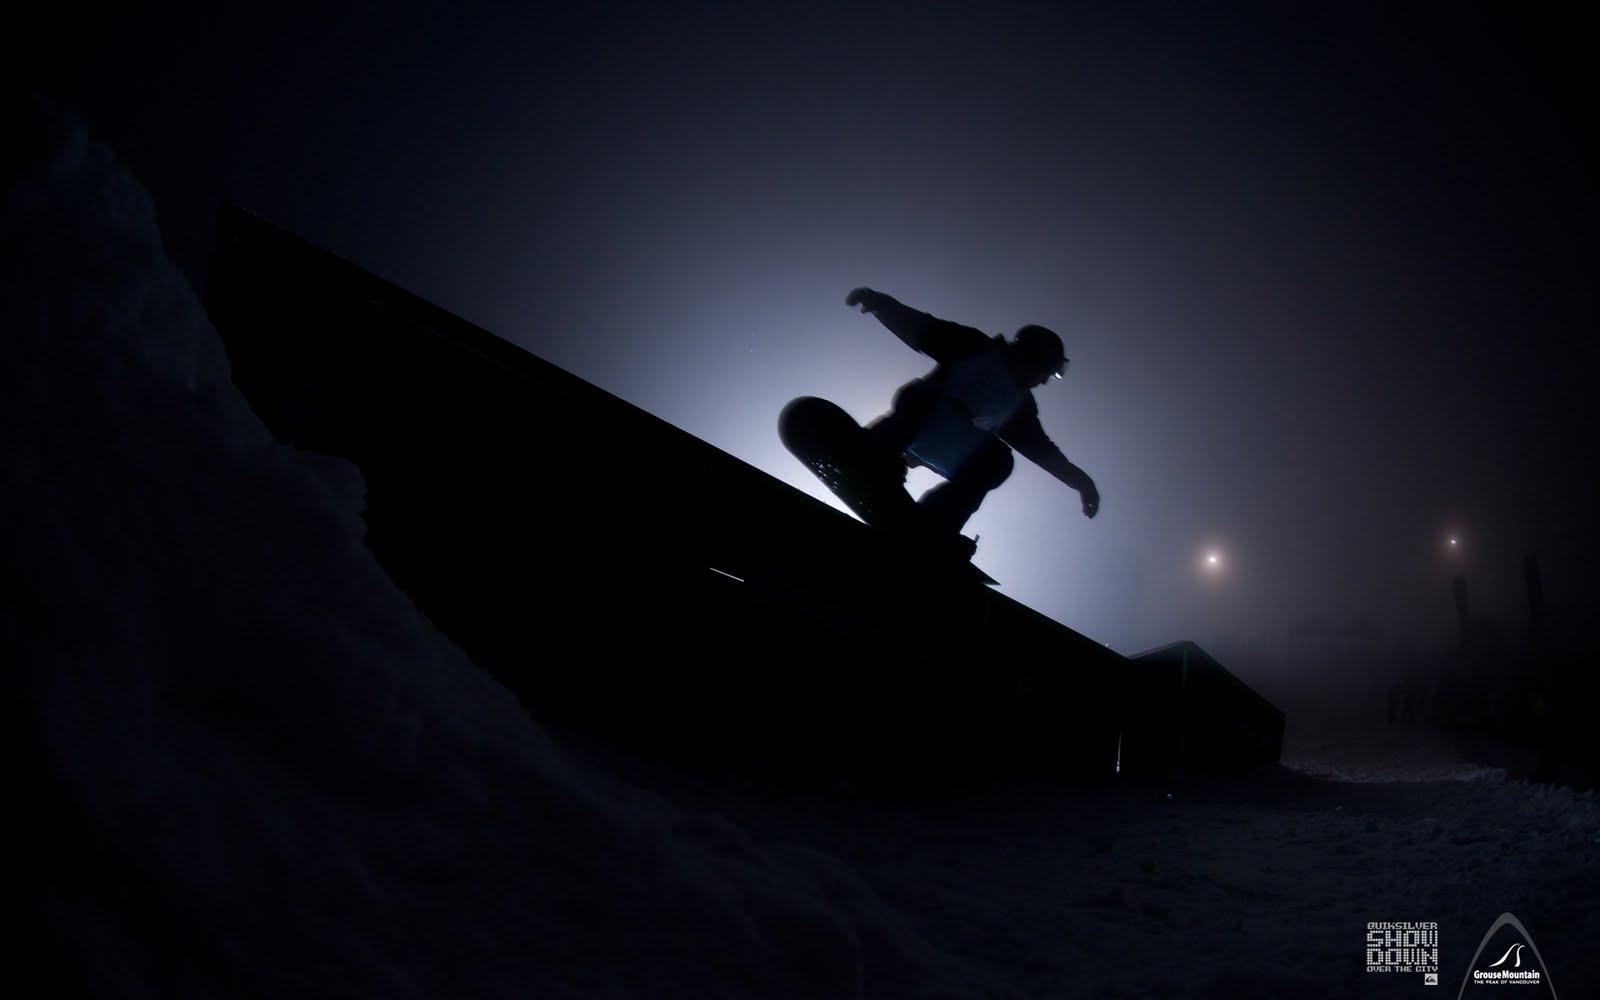 http://4.bp.blogspot.com/_2U3U6AwE-ZQ/TIC3gwBmRVI/AAAAAAAAAWc/w_i9r0fxrT4/s1600/snowboard-002%28www.TheWallpapers.org%29.jpg